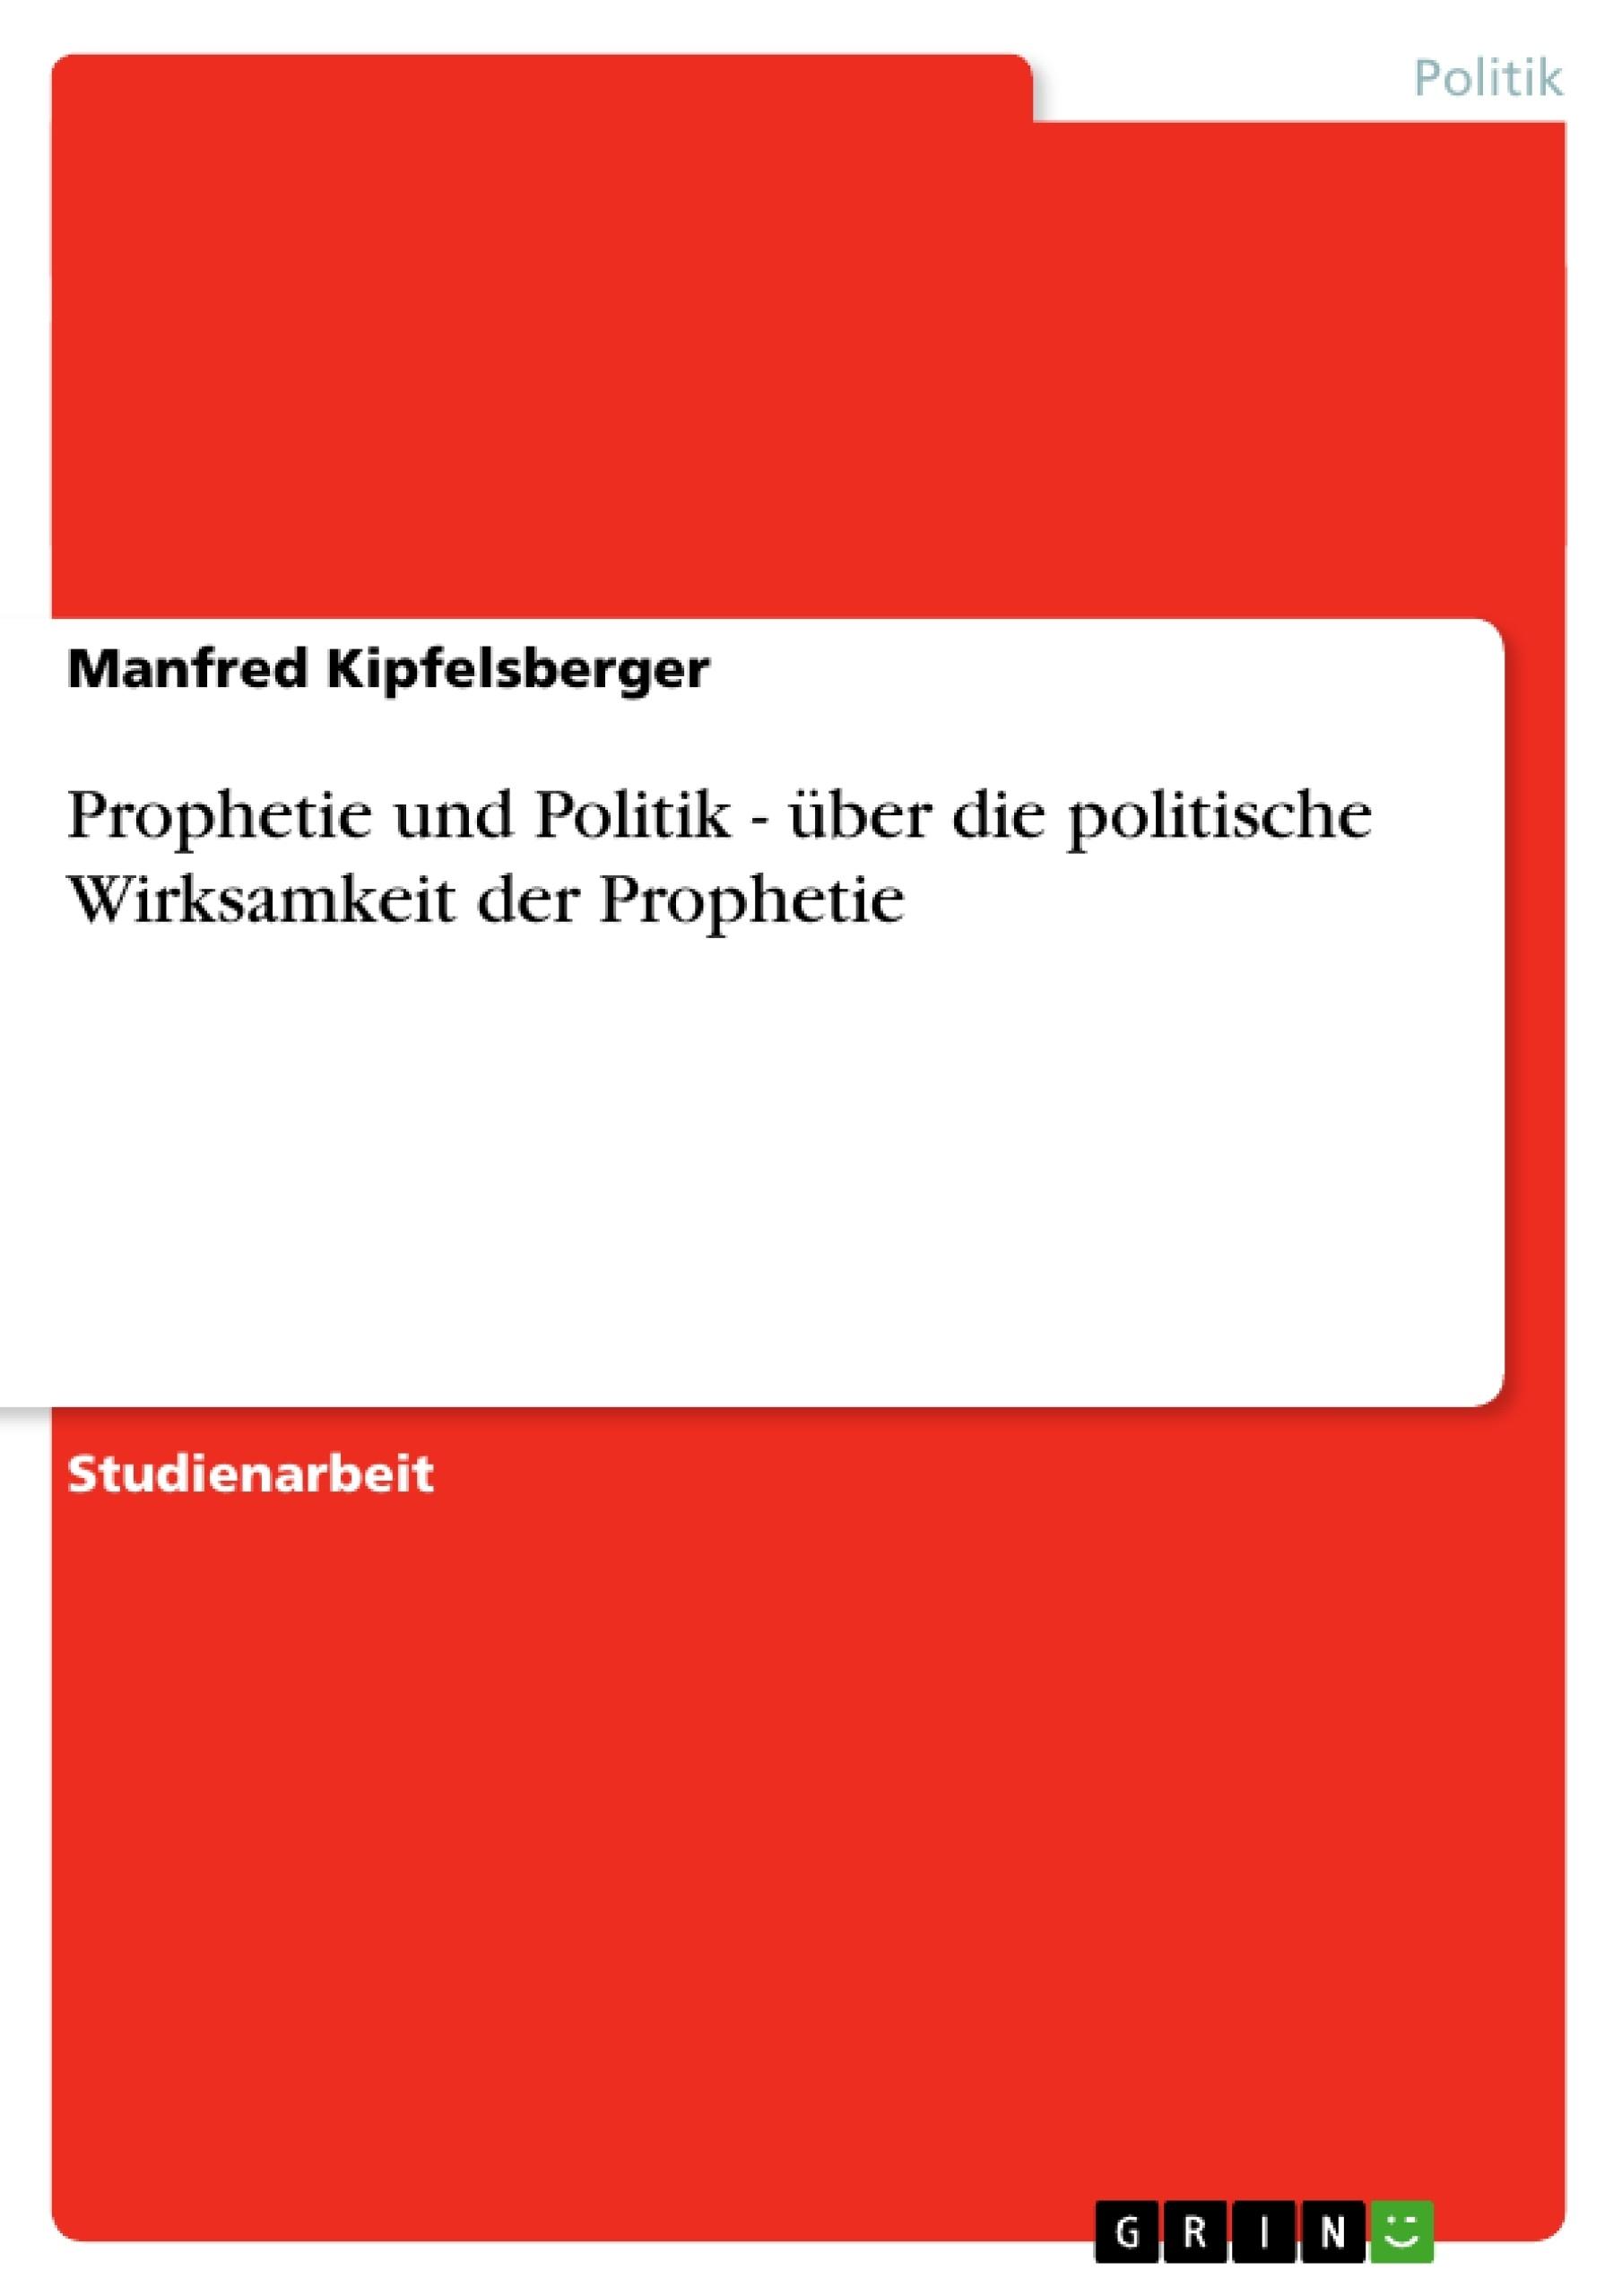 Titel: Prophetie und Politik - über die politische Wirksamkeit der Prophetie